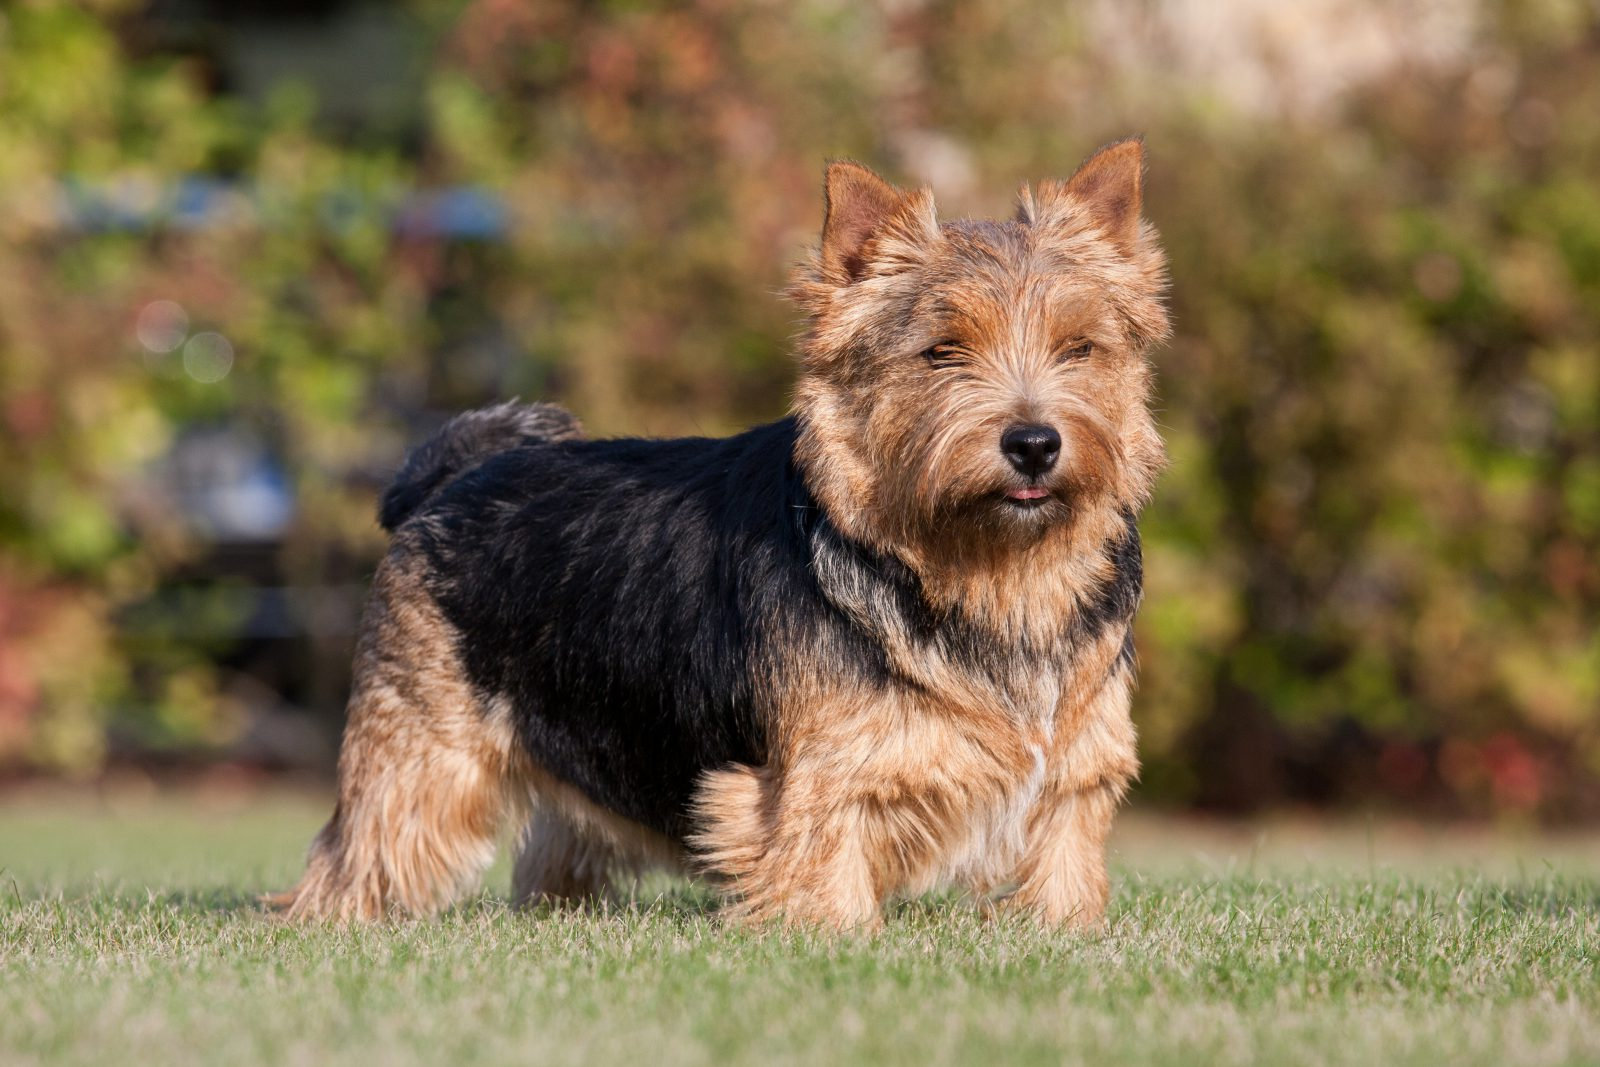 Cachorros de pequeno porte: Norwich Terrier brincando no jardim.